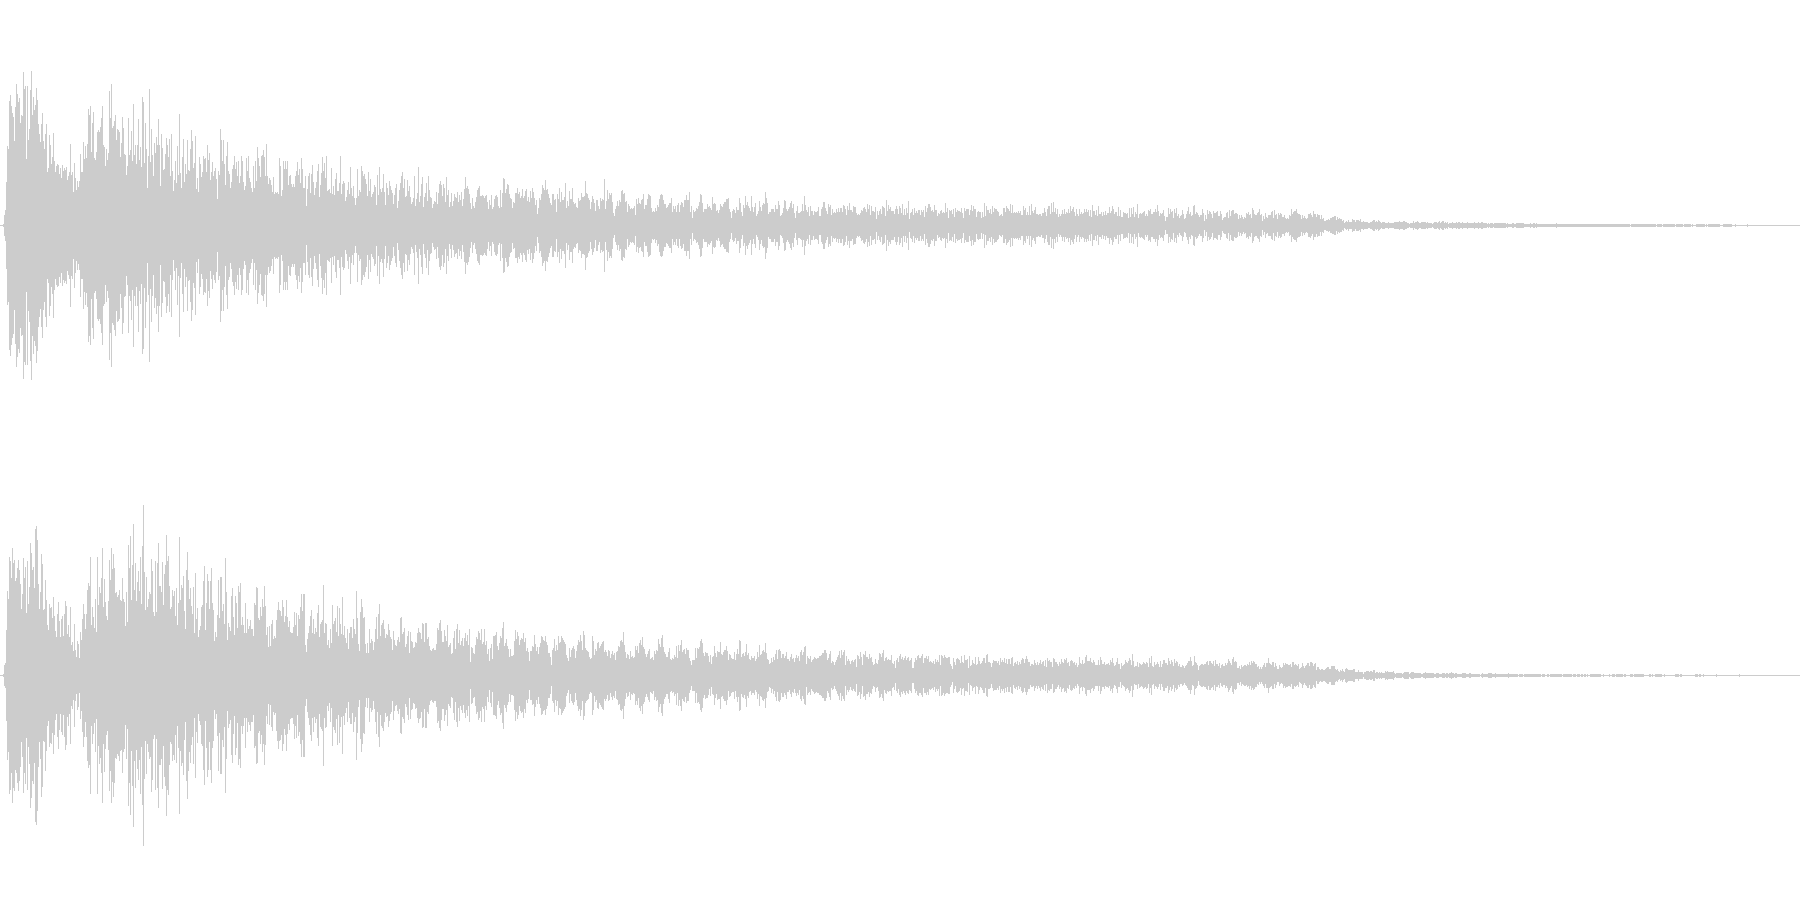 ダダーン(ホラーに適した不穏なピアノ音)の未再生の波形